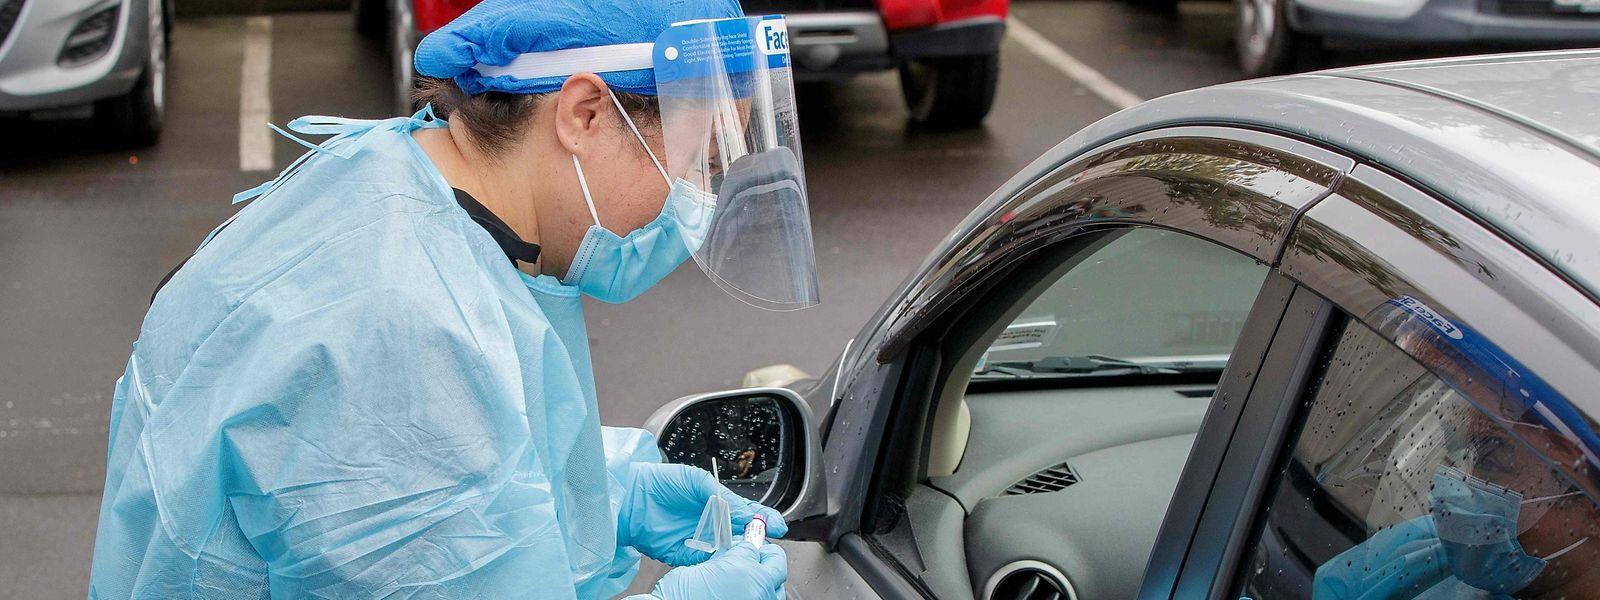 Au total, plus de 667.000 tests de dépistage ont déjà été effectués (et analysés) au Grand-Duché.